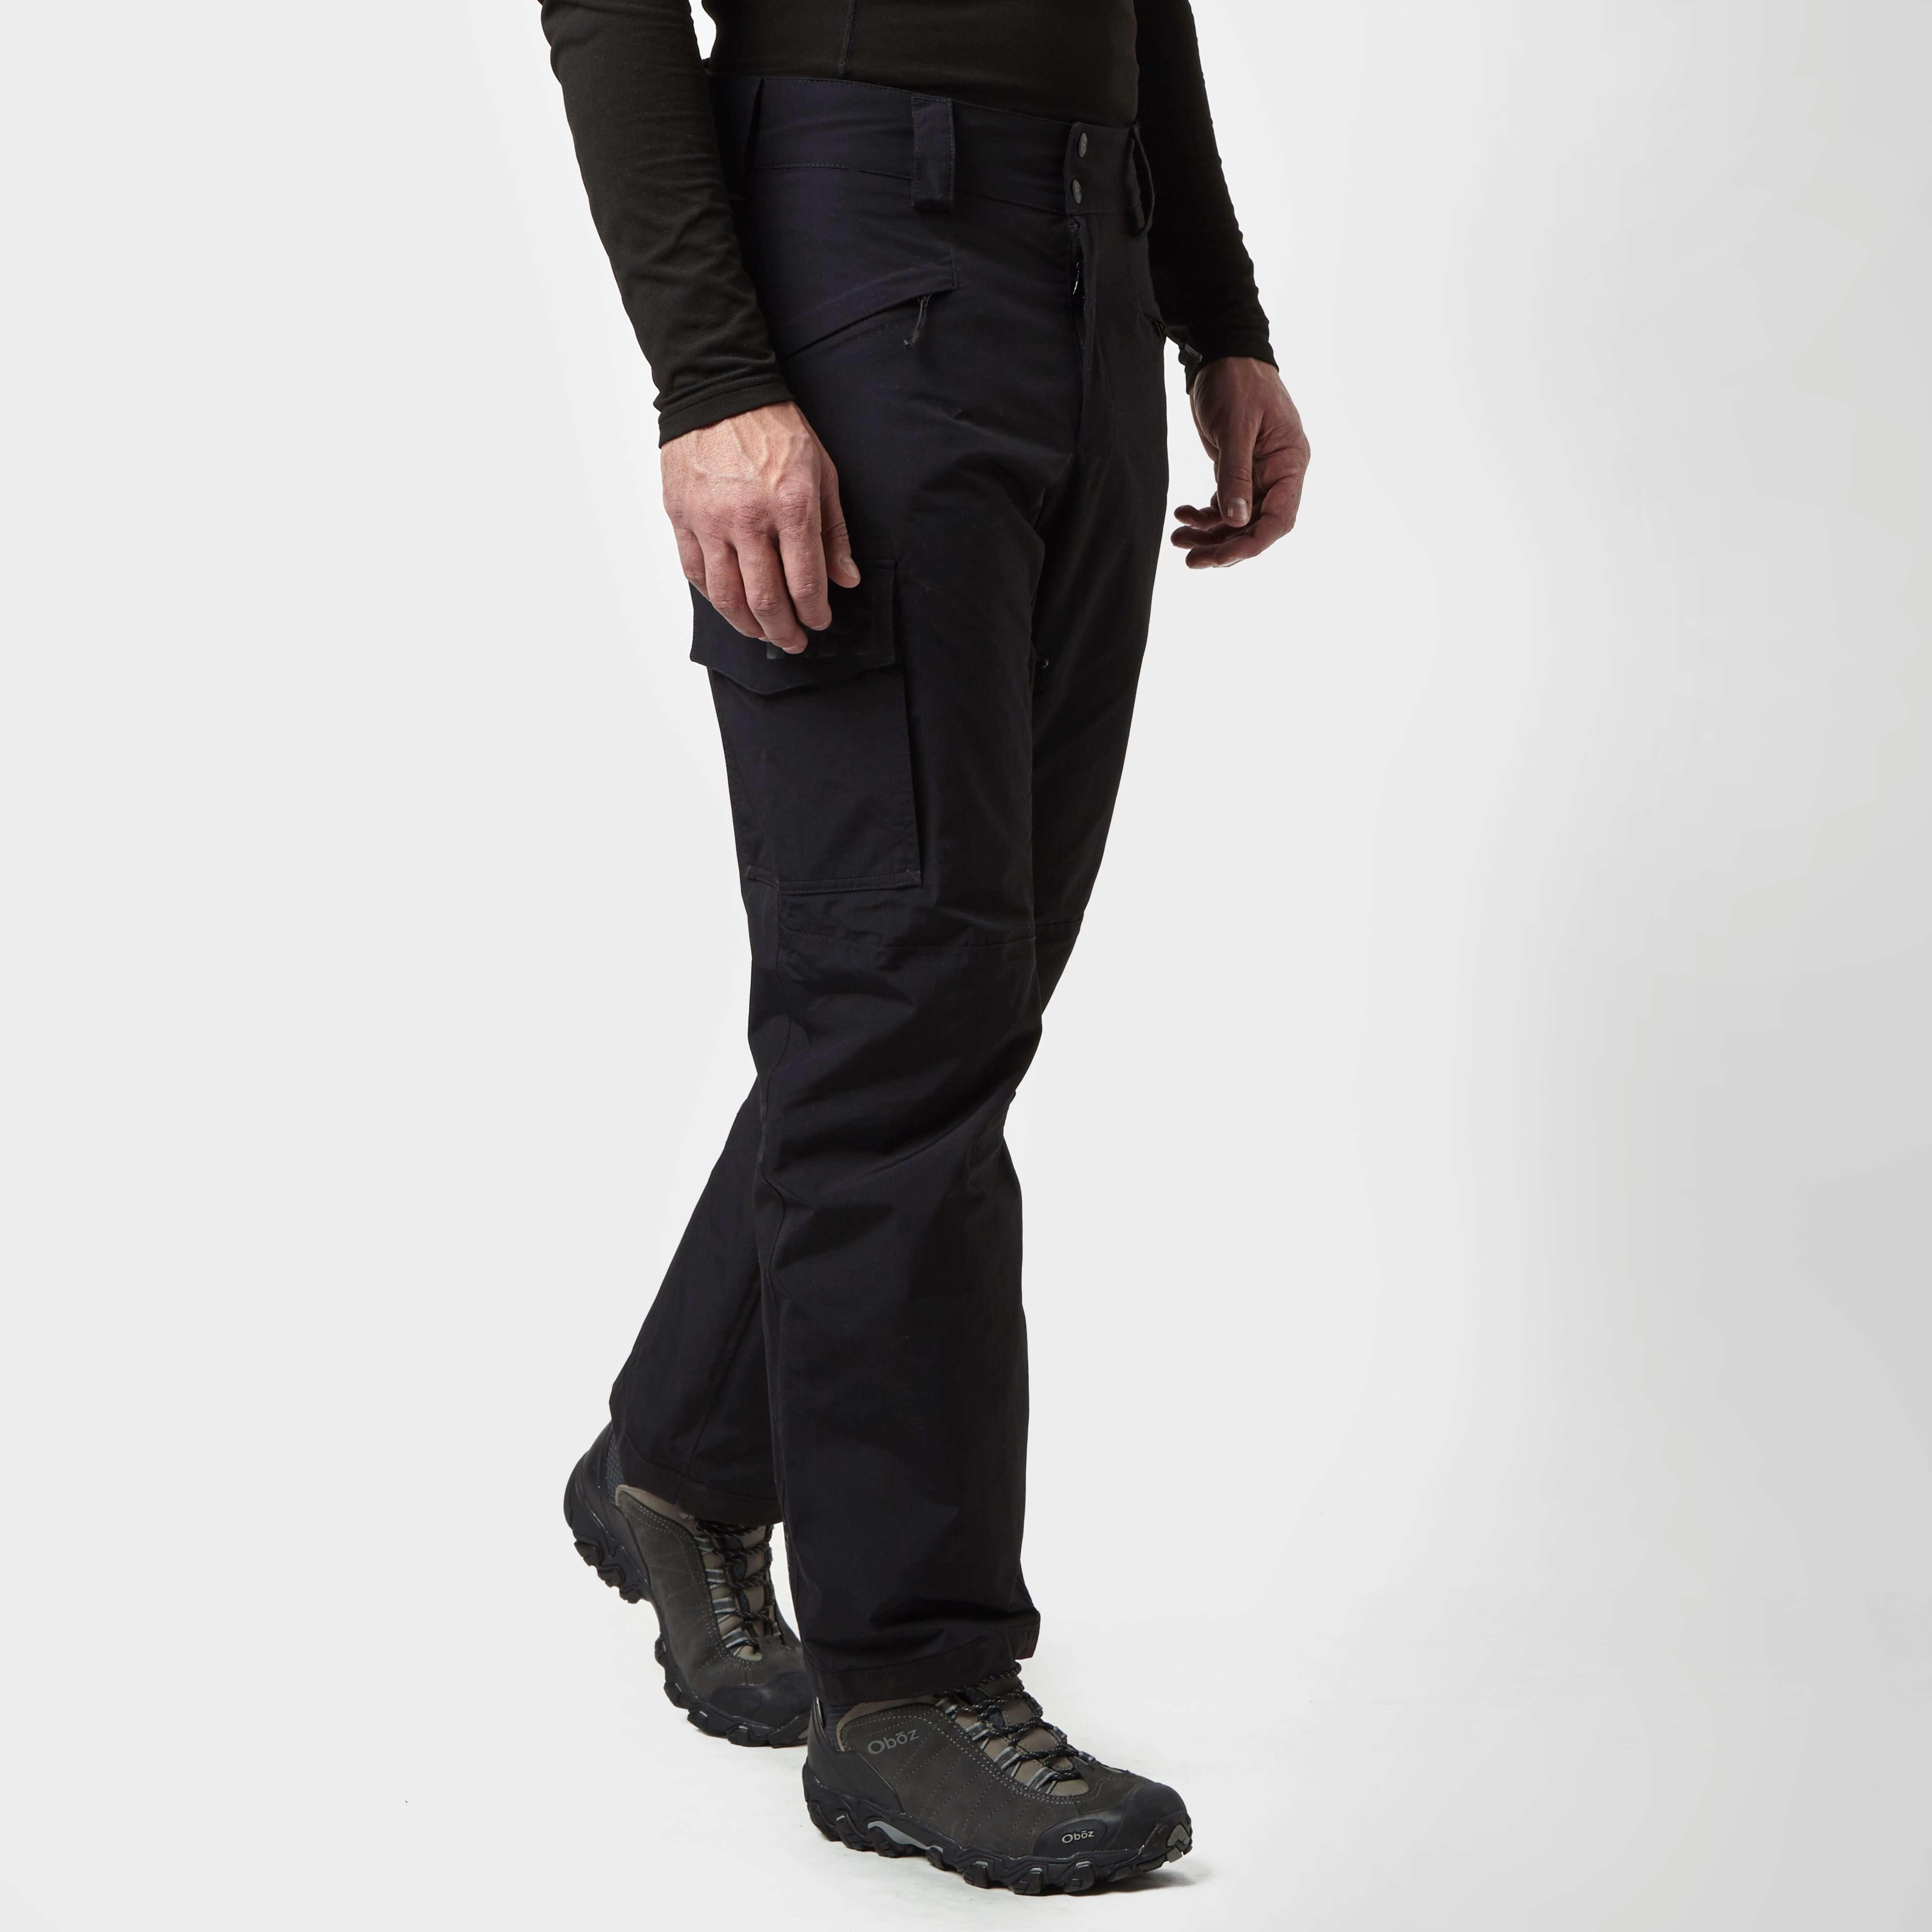 HELLY HANSEN Men's SOGN Cargo Ski Pants